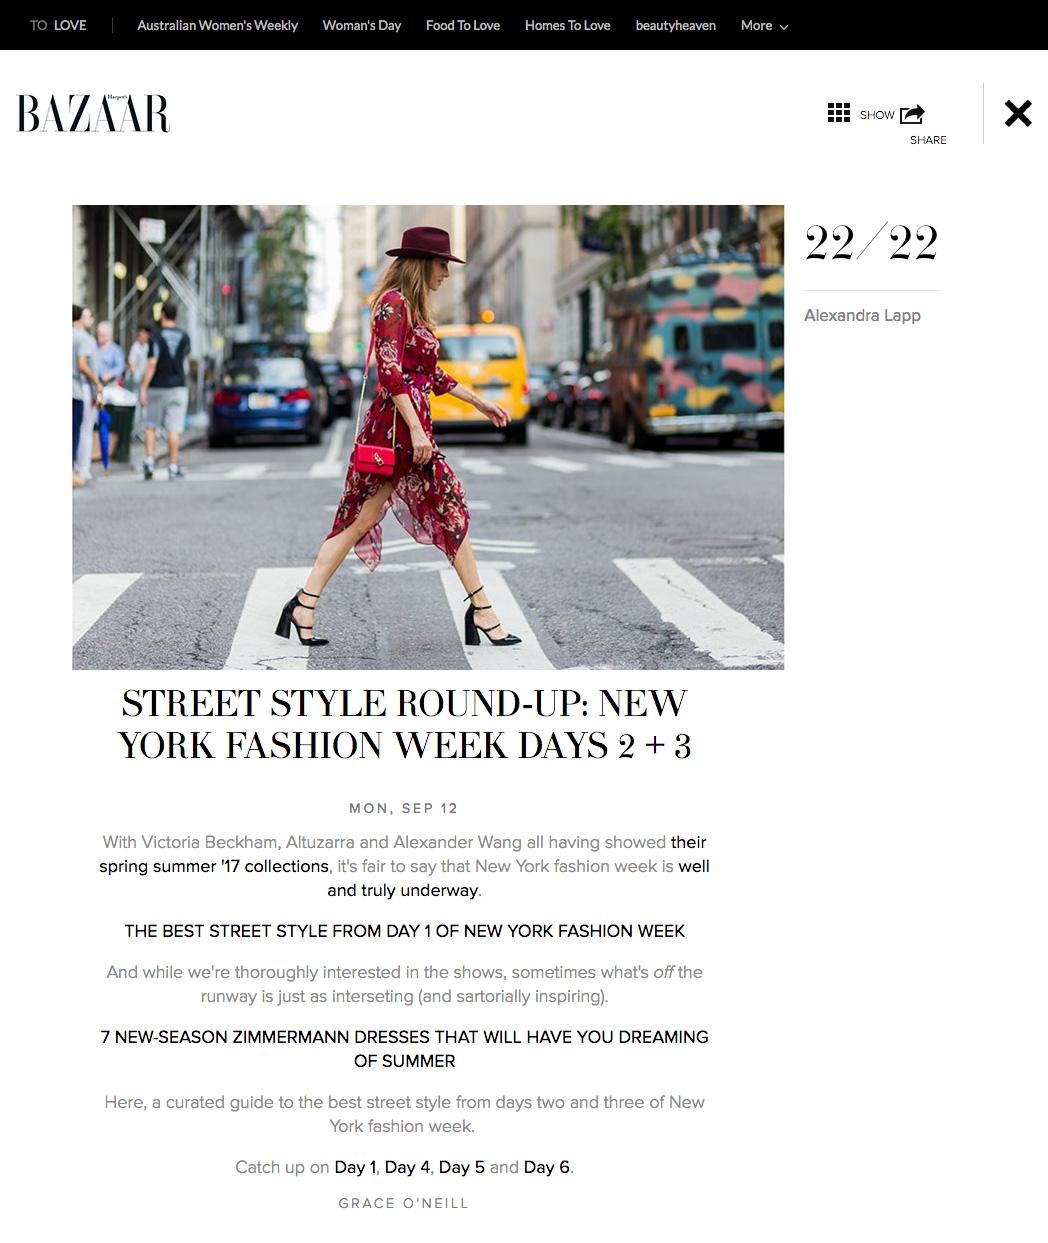 New York Fashion Week SS17 Street Style Day 3 - Image 23 - Harpers BAZAAR - 2016-09 - found on http://www.harpersbazaar.com.au/runway-report/street-style/2016/9/new-york-fashion-week-ss17-street-style-day-3/new-york-fashion-week-ss17-street-style-day-3-image-23/